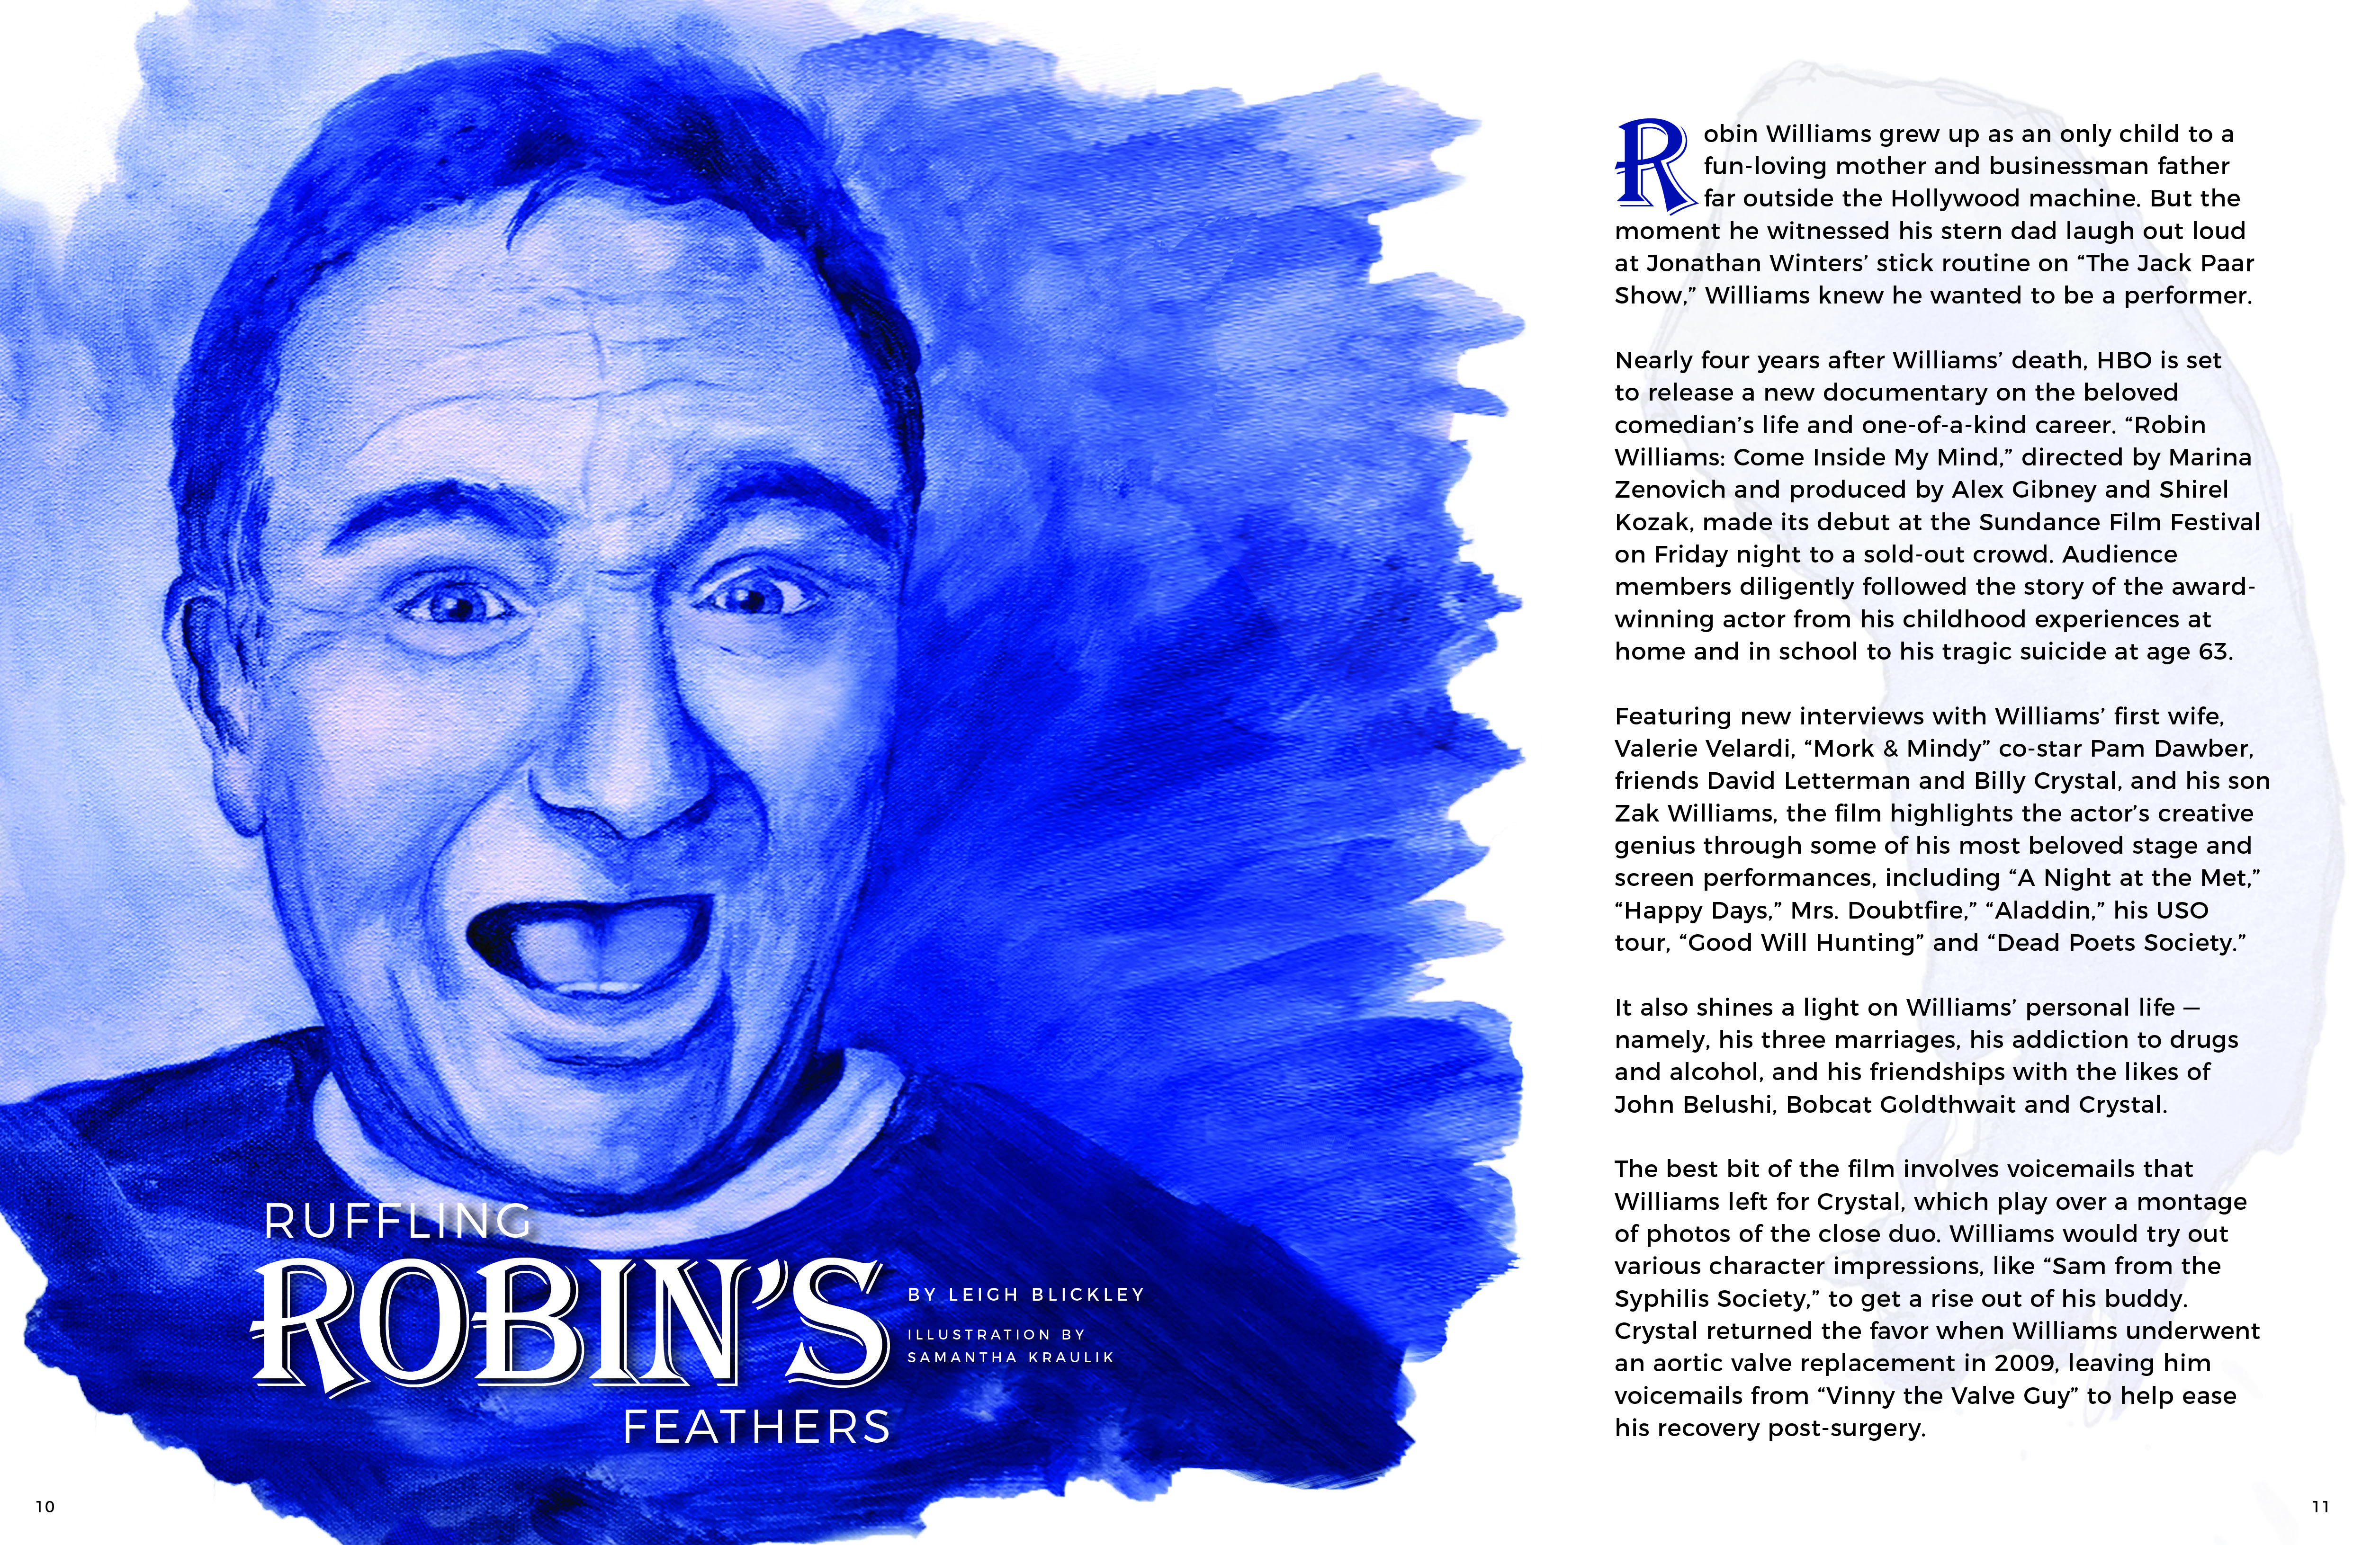 Good bye, Robin - Leaving drugs behind?